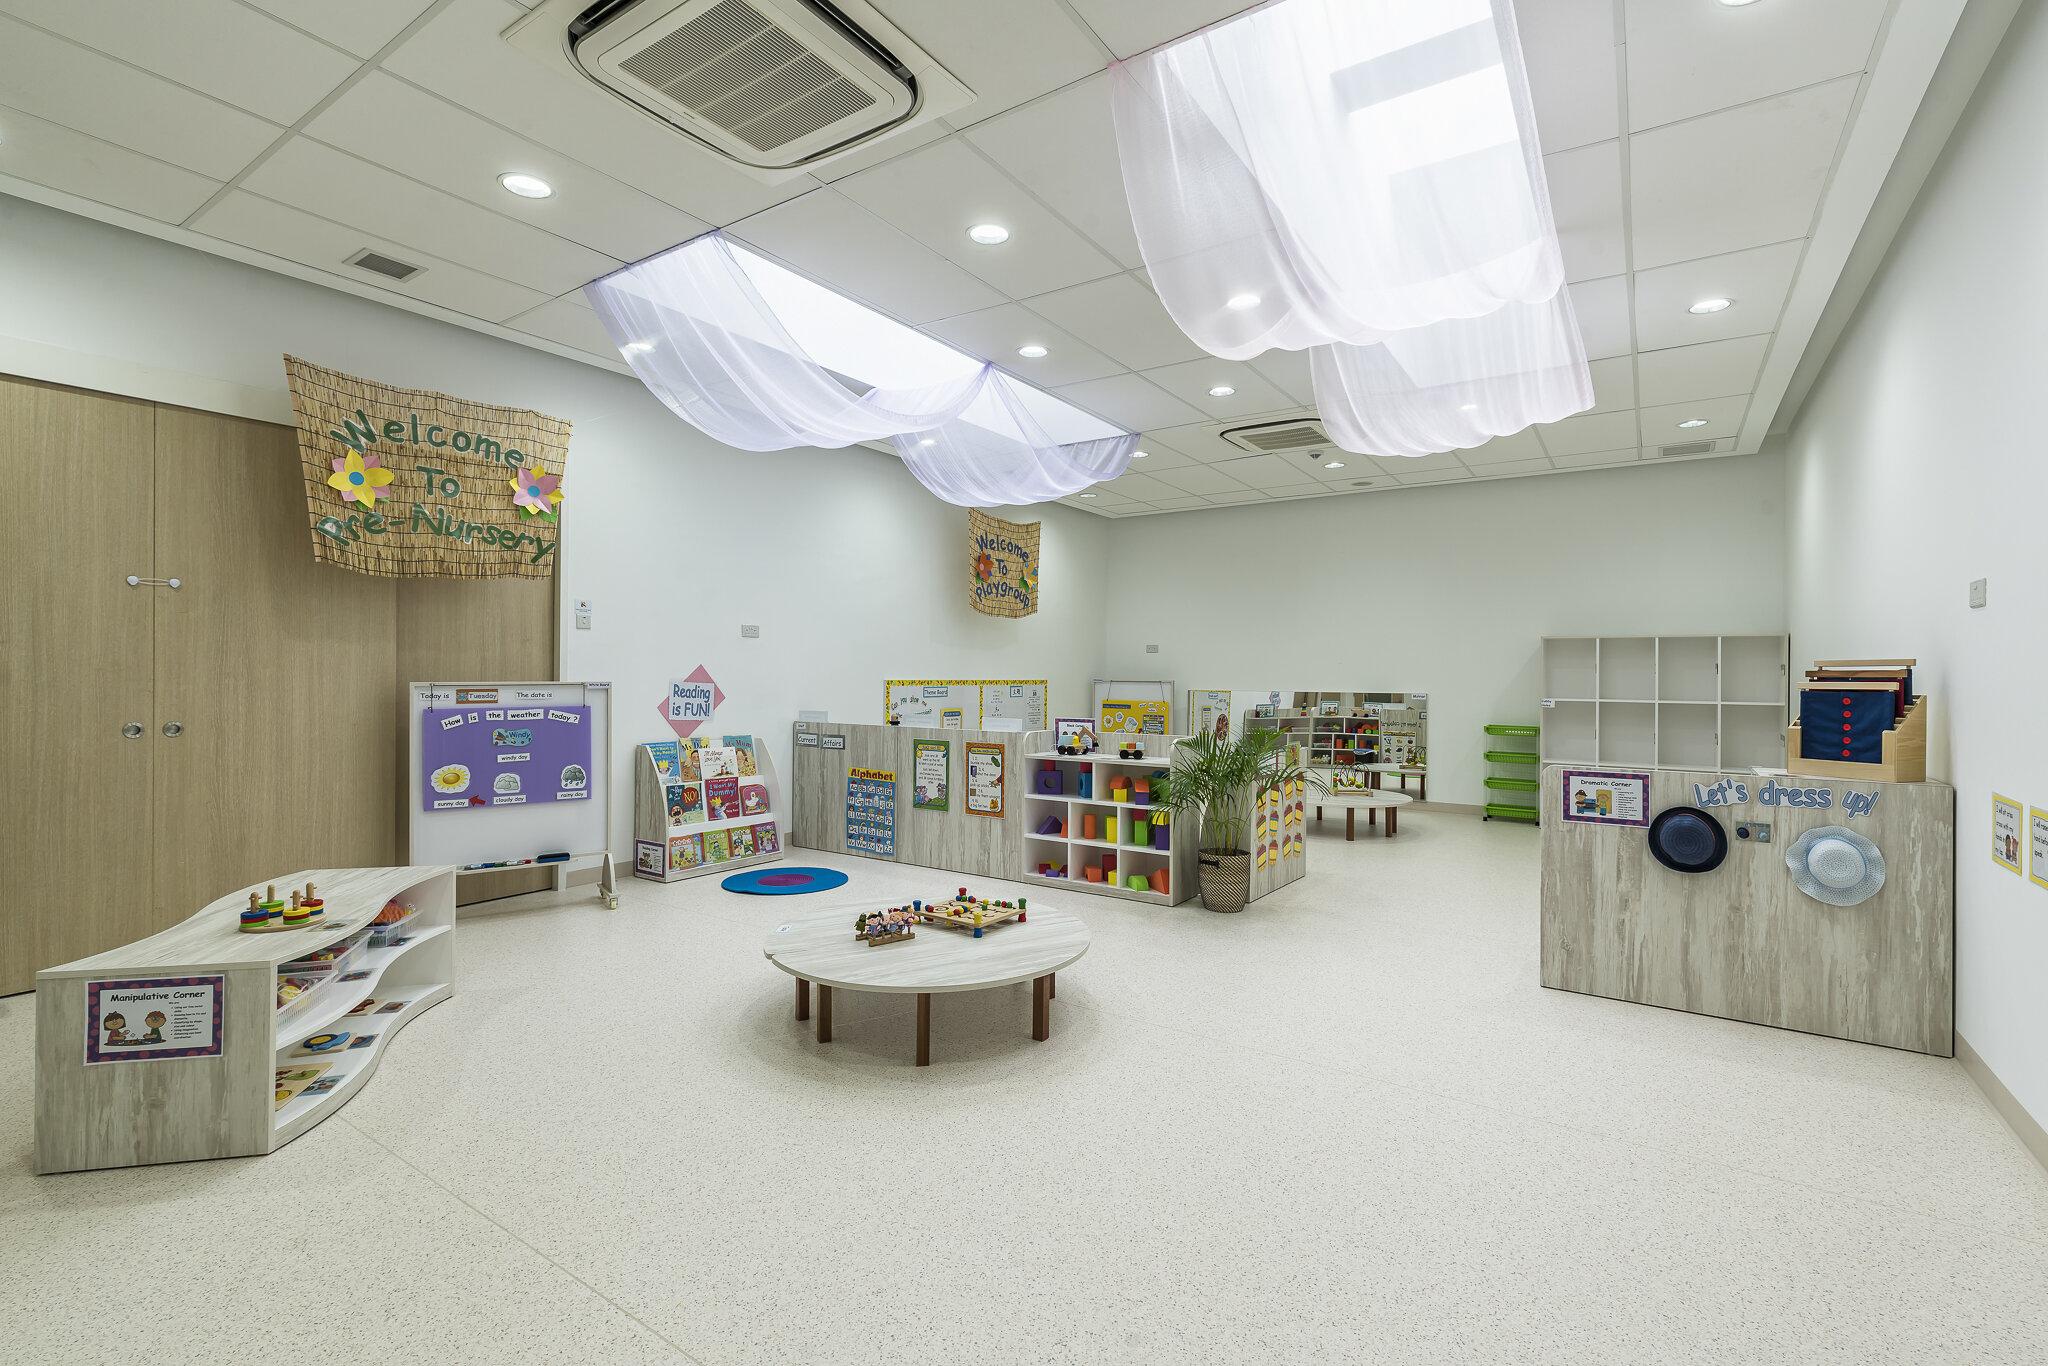 Interior-0005.jpg